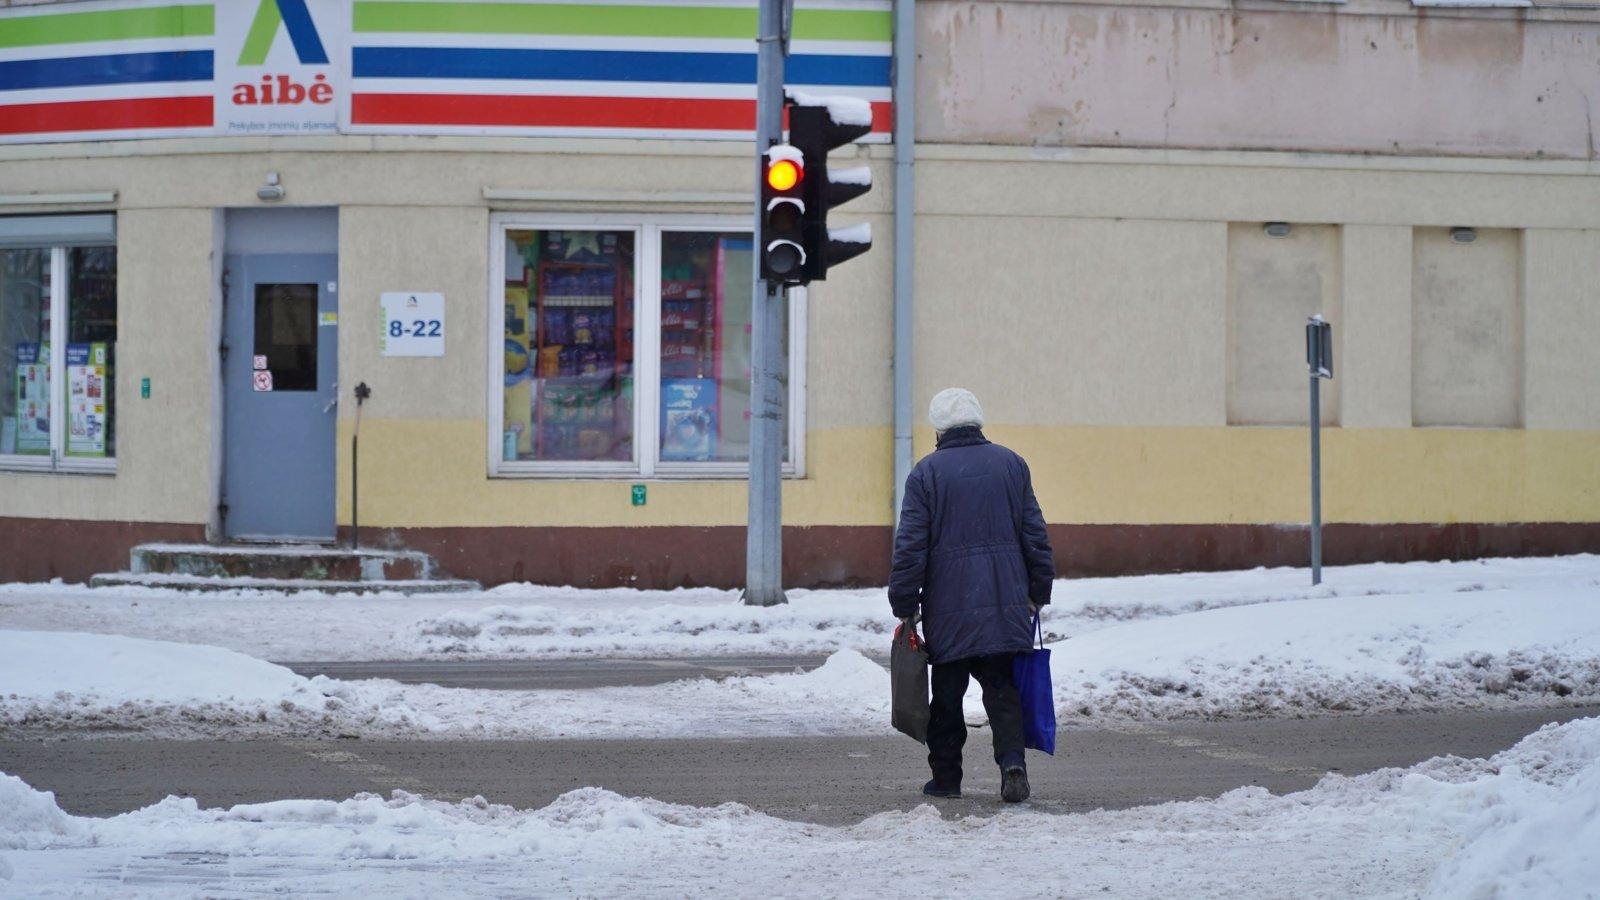 Žuvusių pėsčiųjų statistika: vis vyresni, atšvaitų nedėvintys senjorai